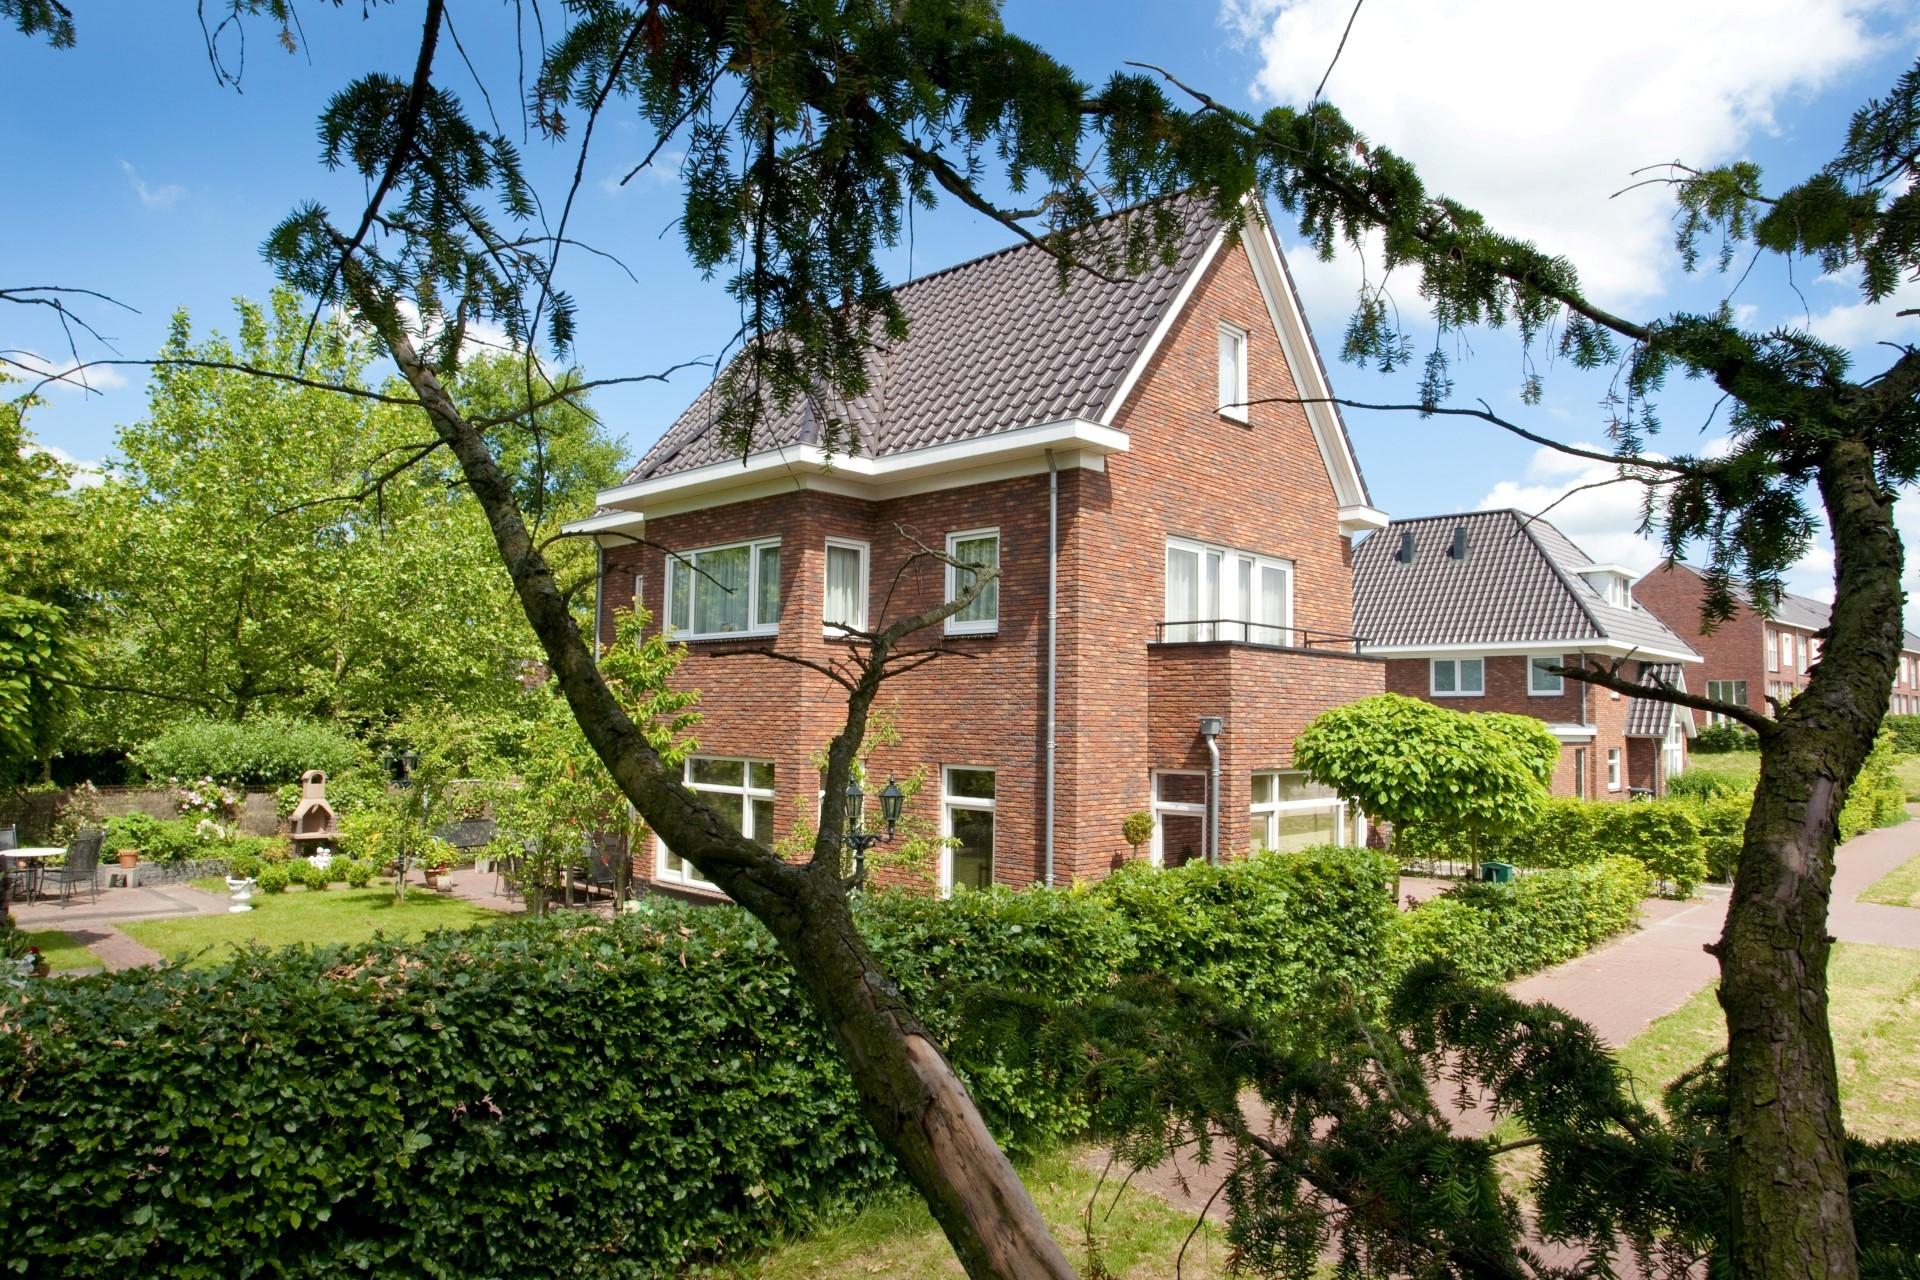 Leeuwarden, Parkvilla's 2